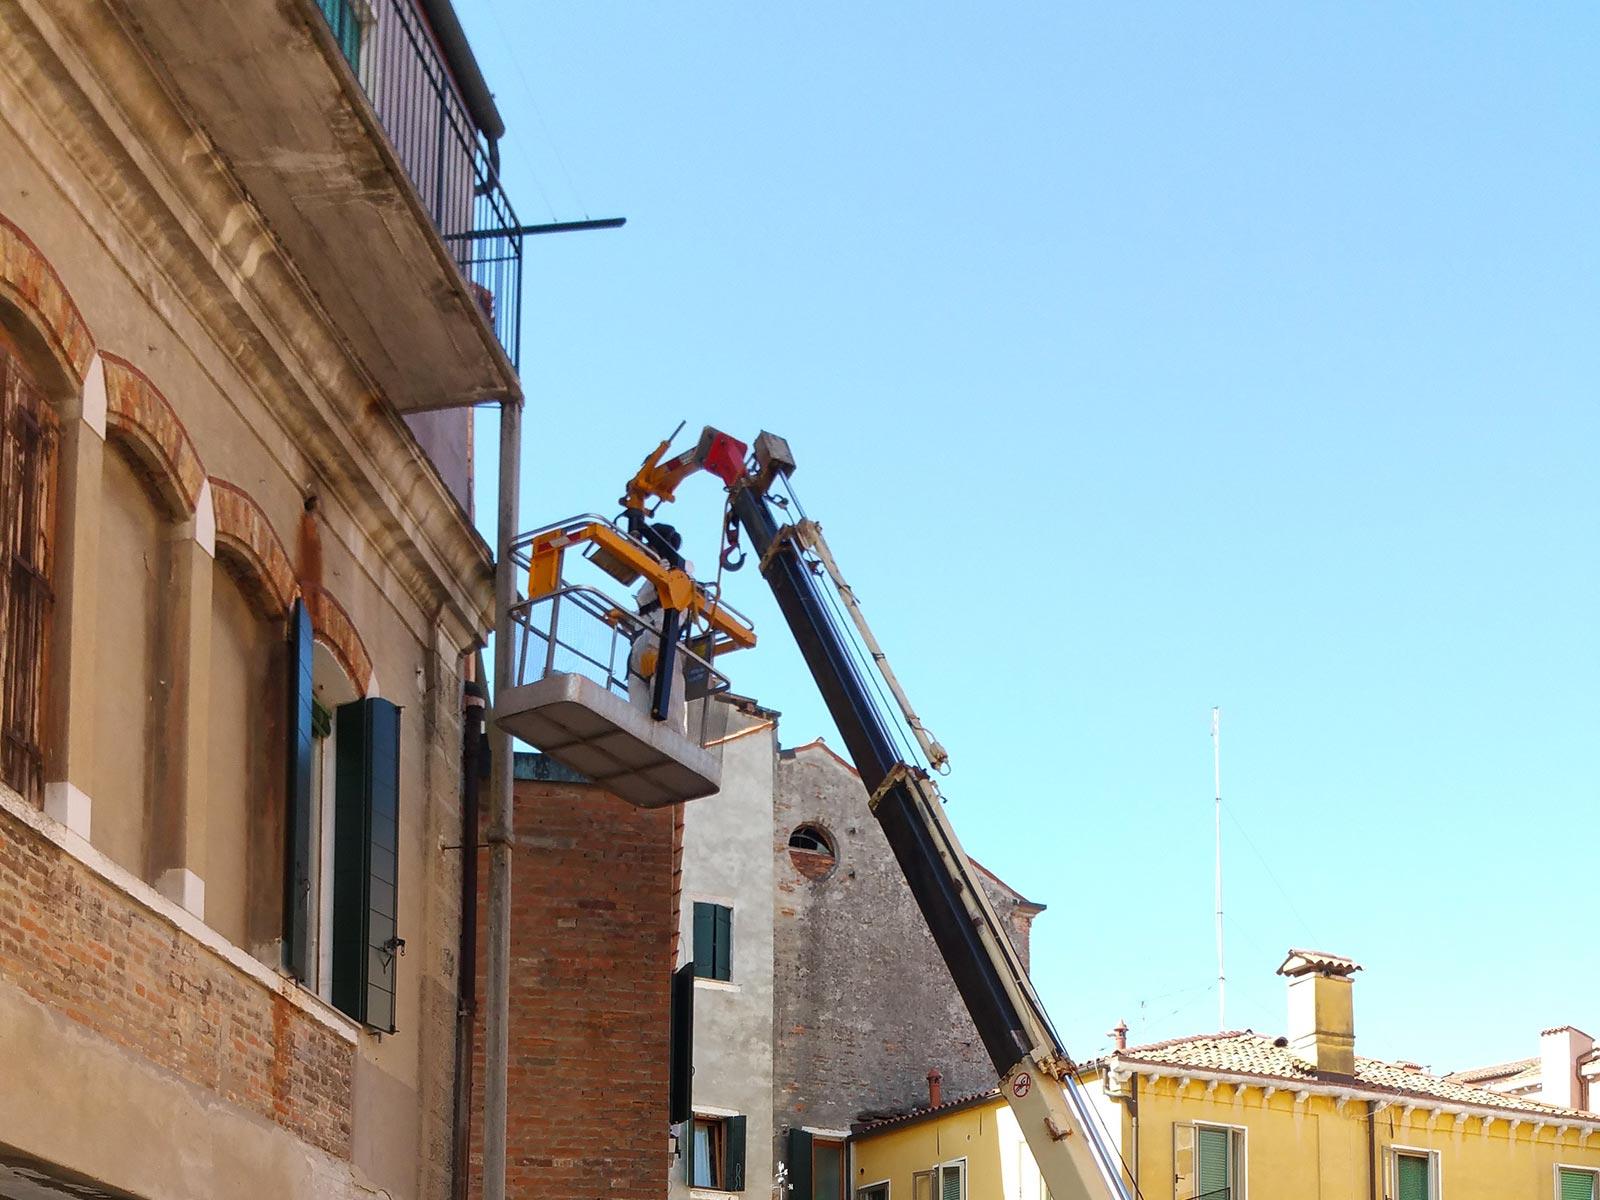 Noleggio piattaforme areee a Venezia